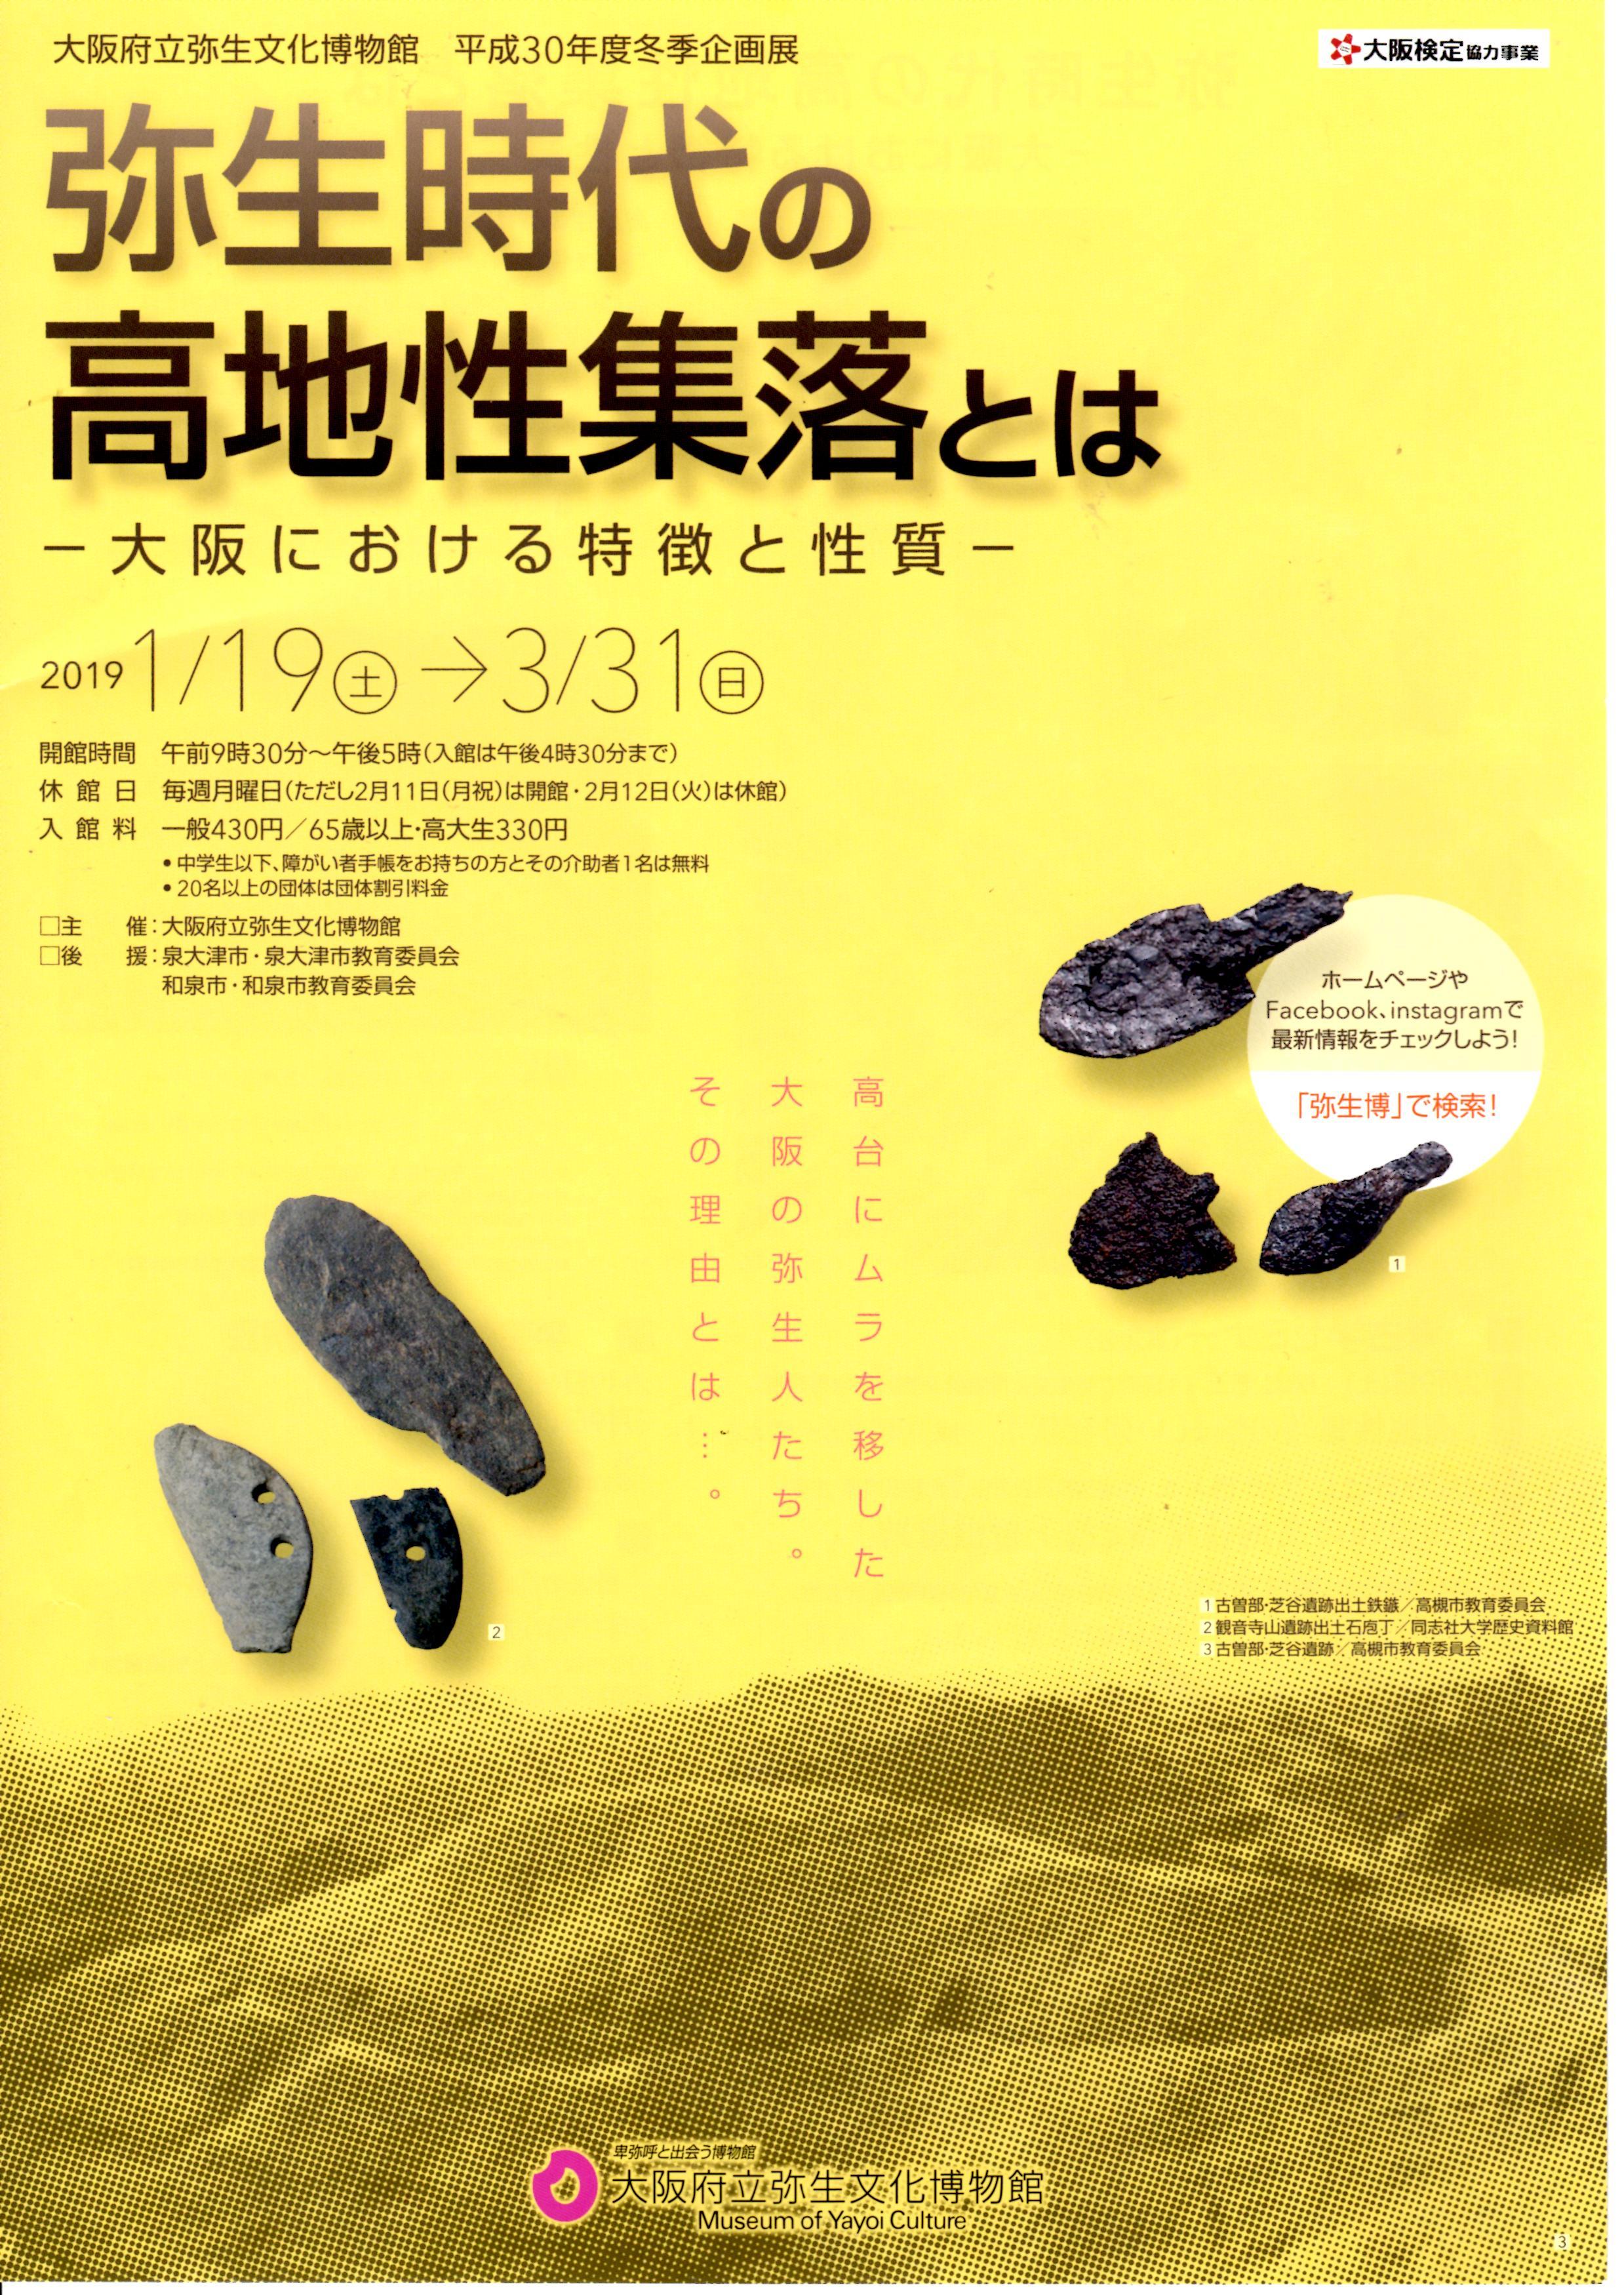 【終了】2019年 弥生時代の高地性集落とは  -大阪における特徴と性質ー